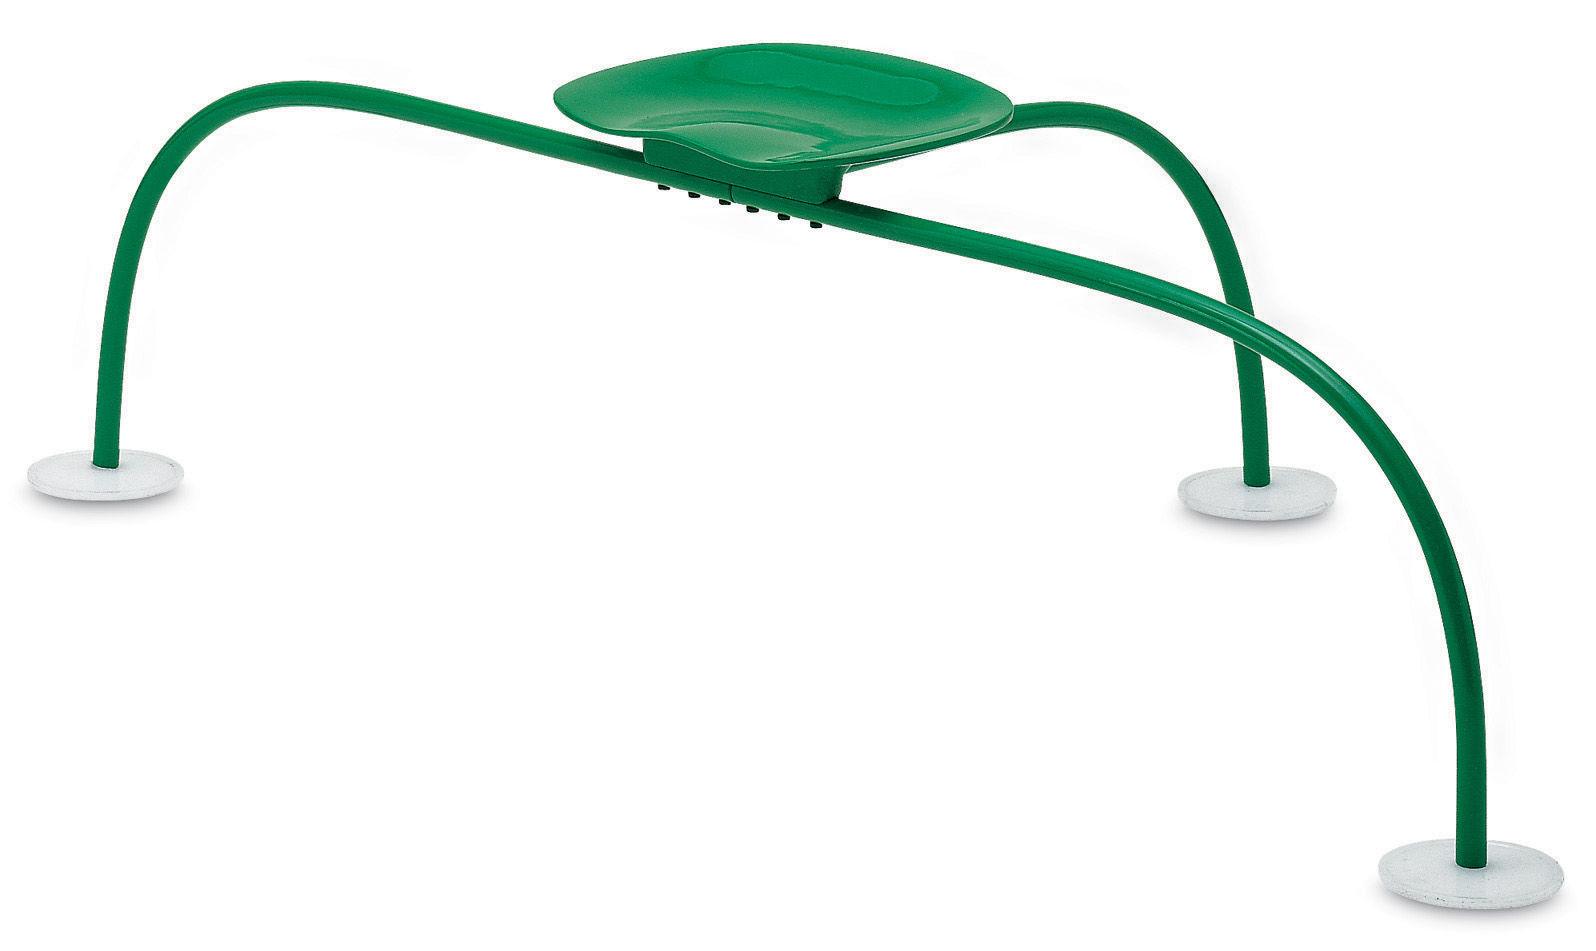 Arredamento - Sgabelli - Sgabello Allunaggio di Zanotta - Verde prato - Acciaio, Alluminio